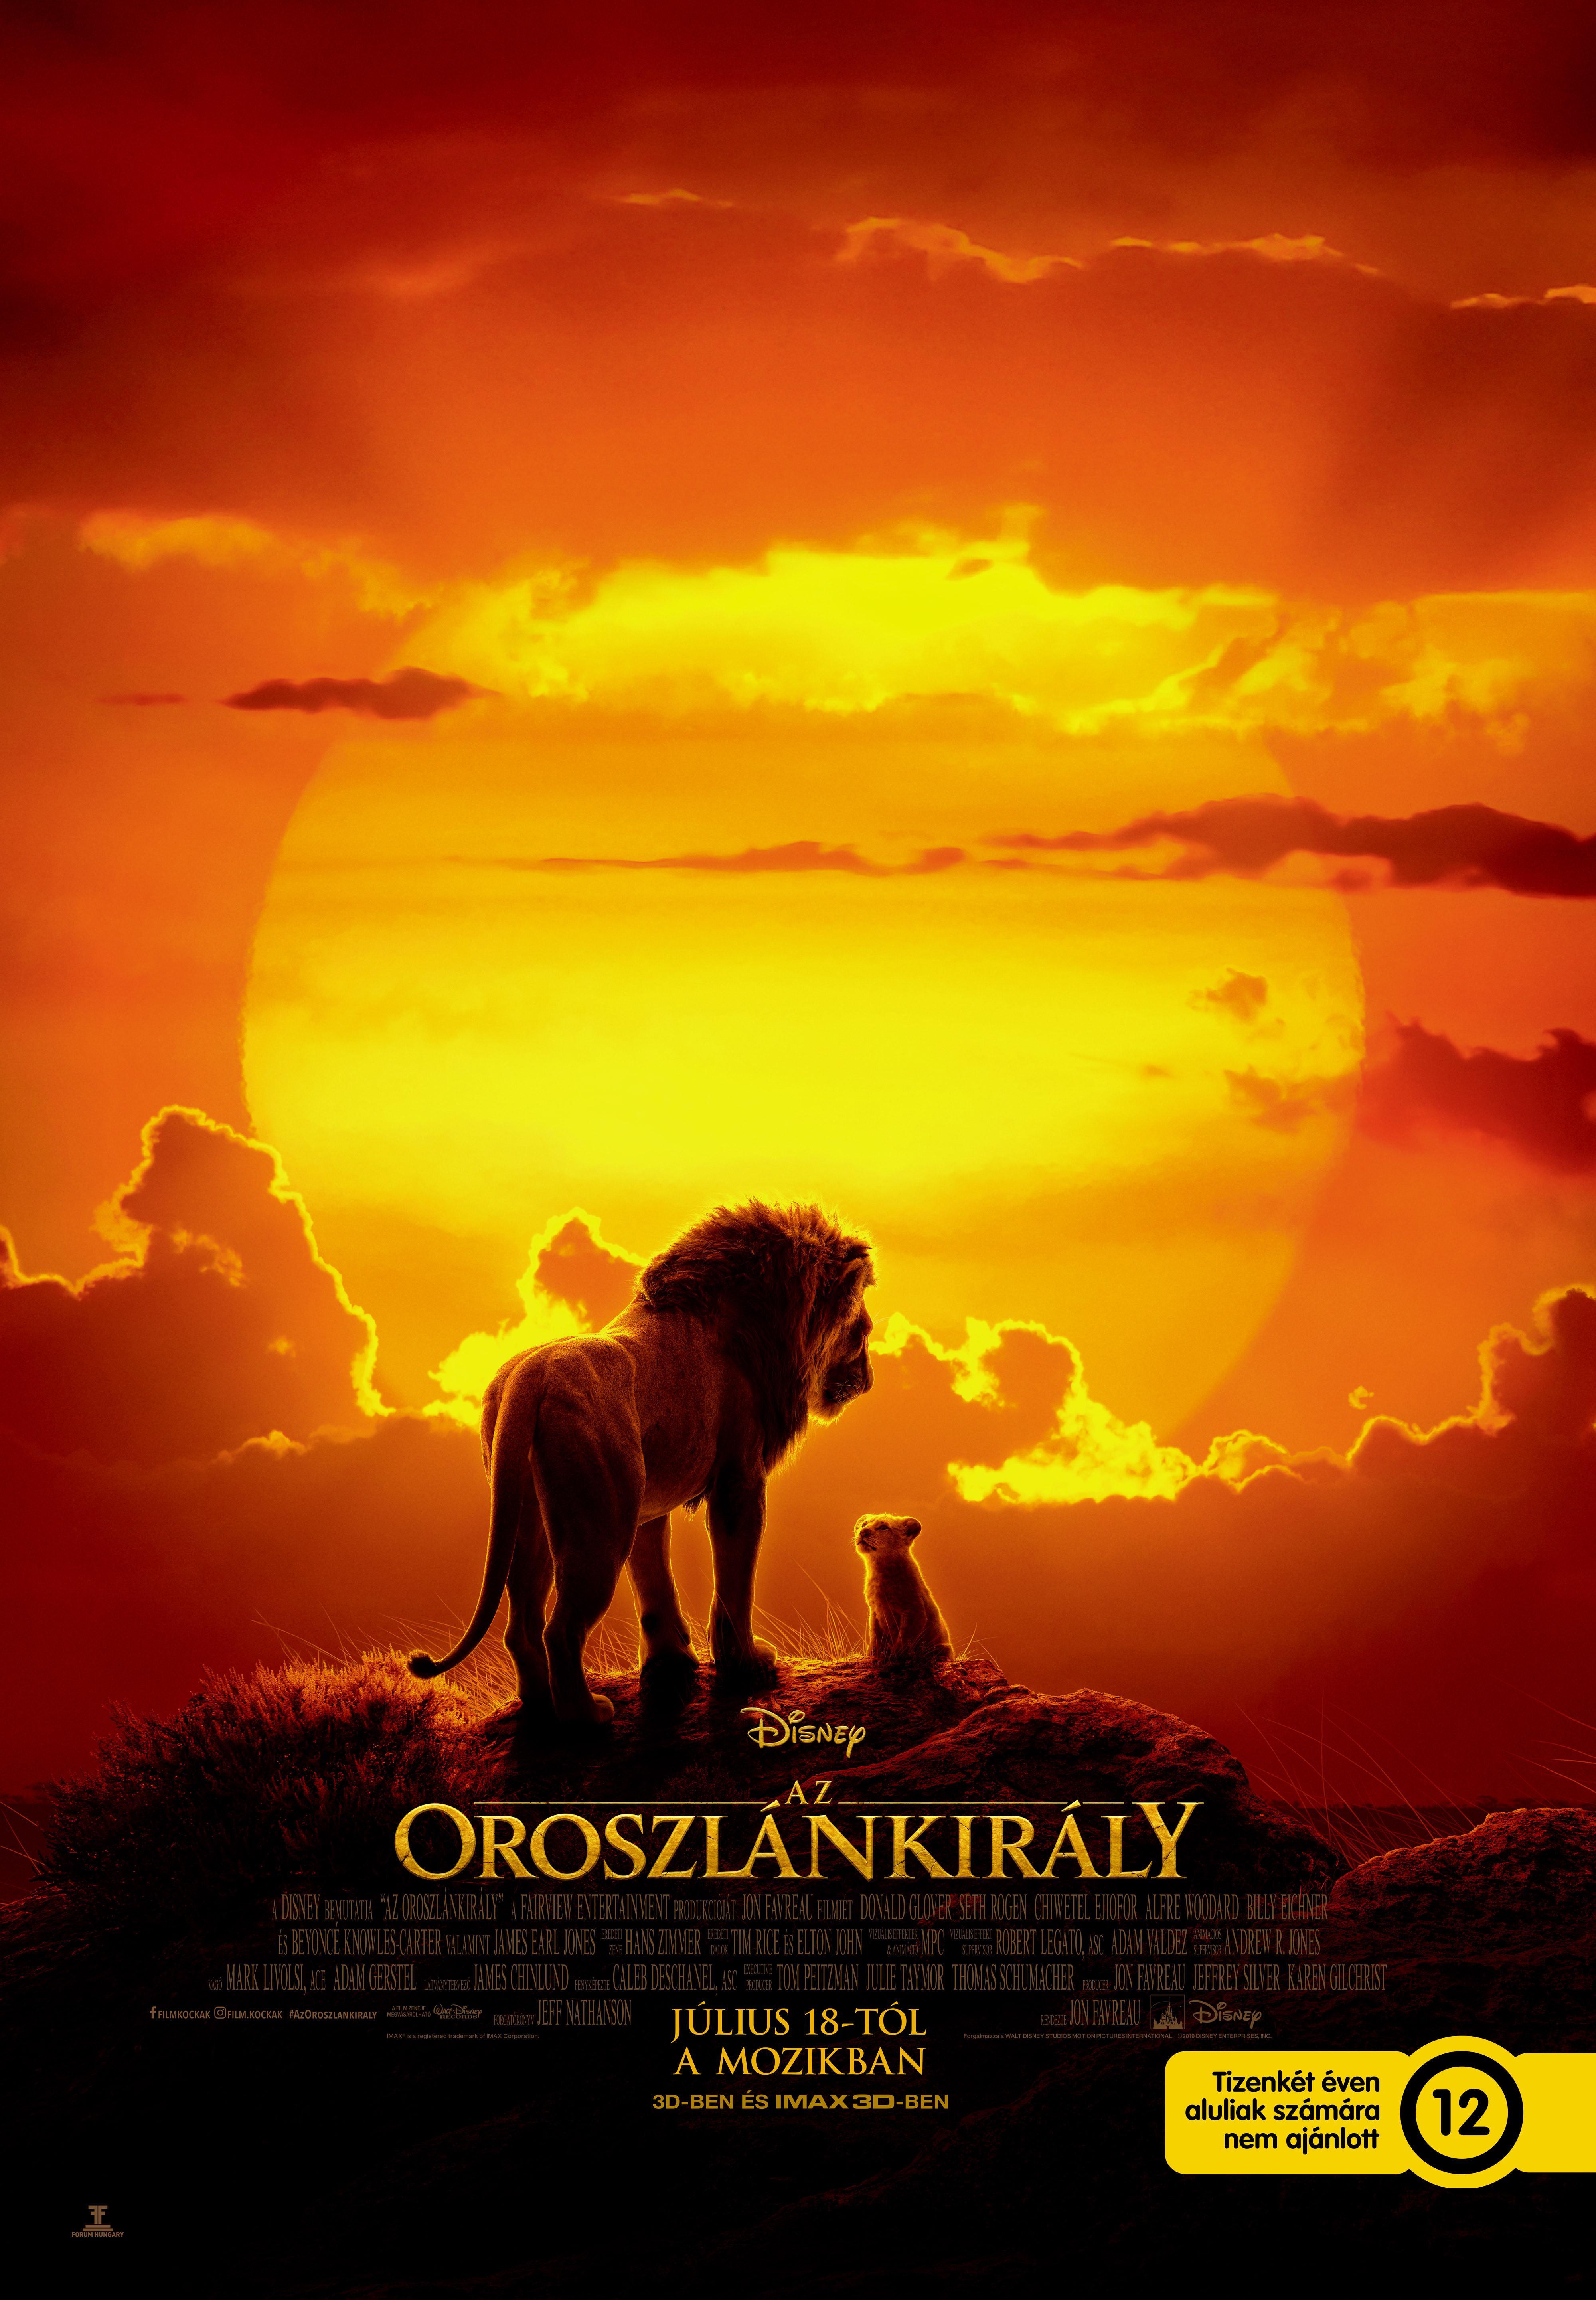 Az oroszlánkirály /The Lion King/ 2019.